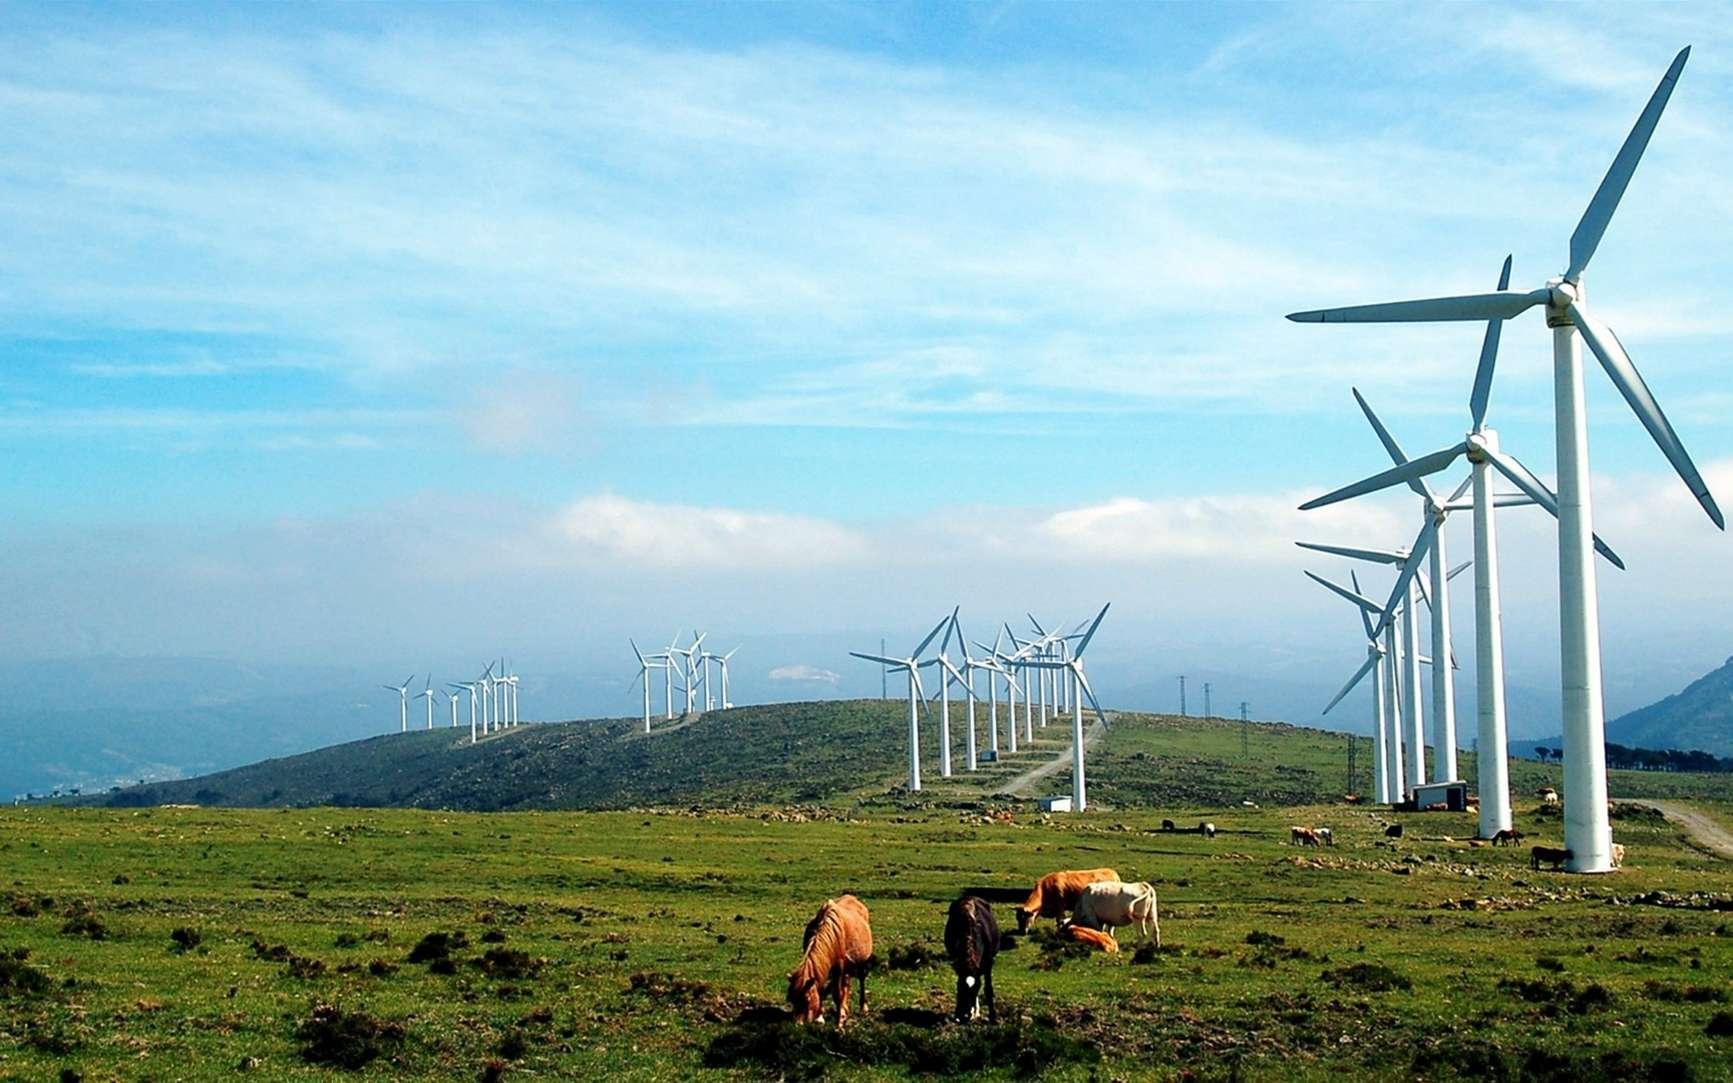 Quels sont les effets des infrasons des éoliennes sur la santé ? © PxHere